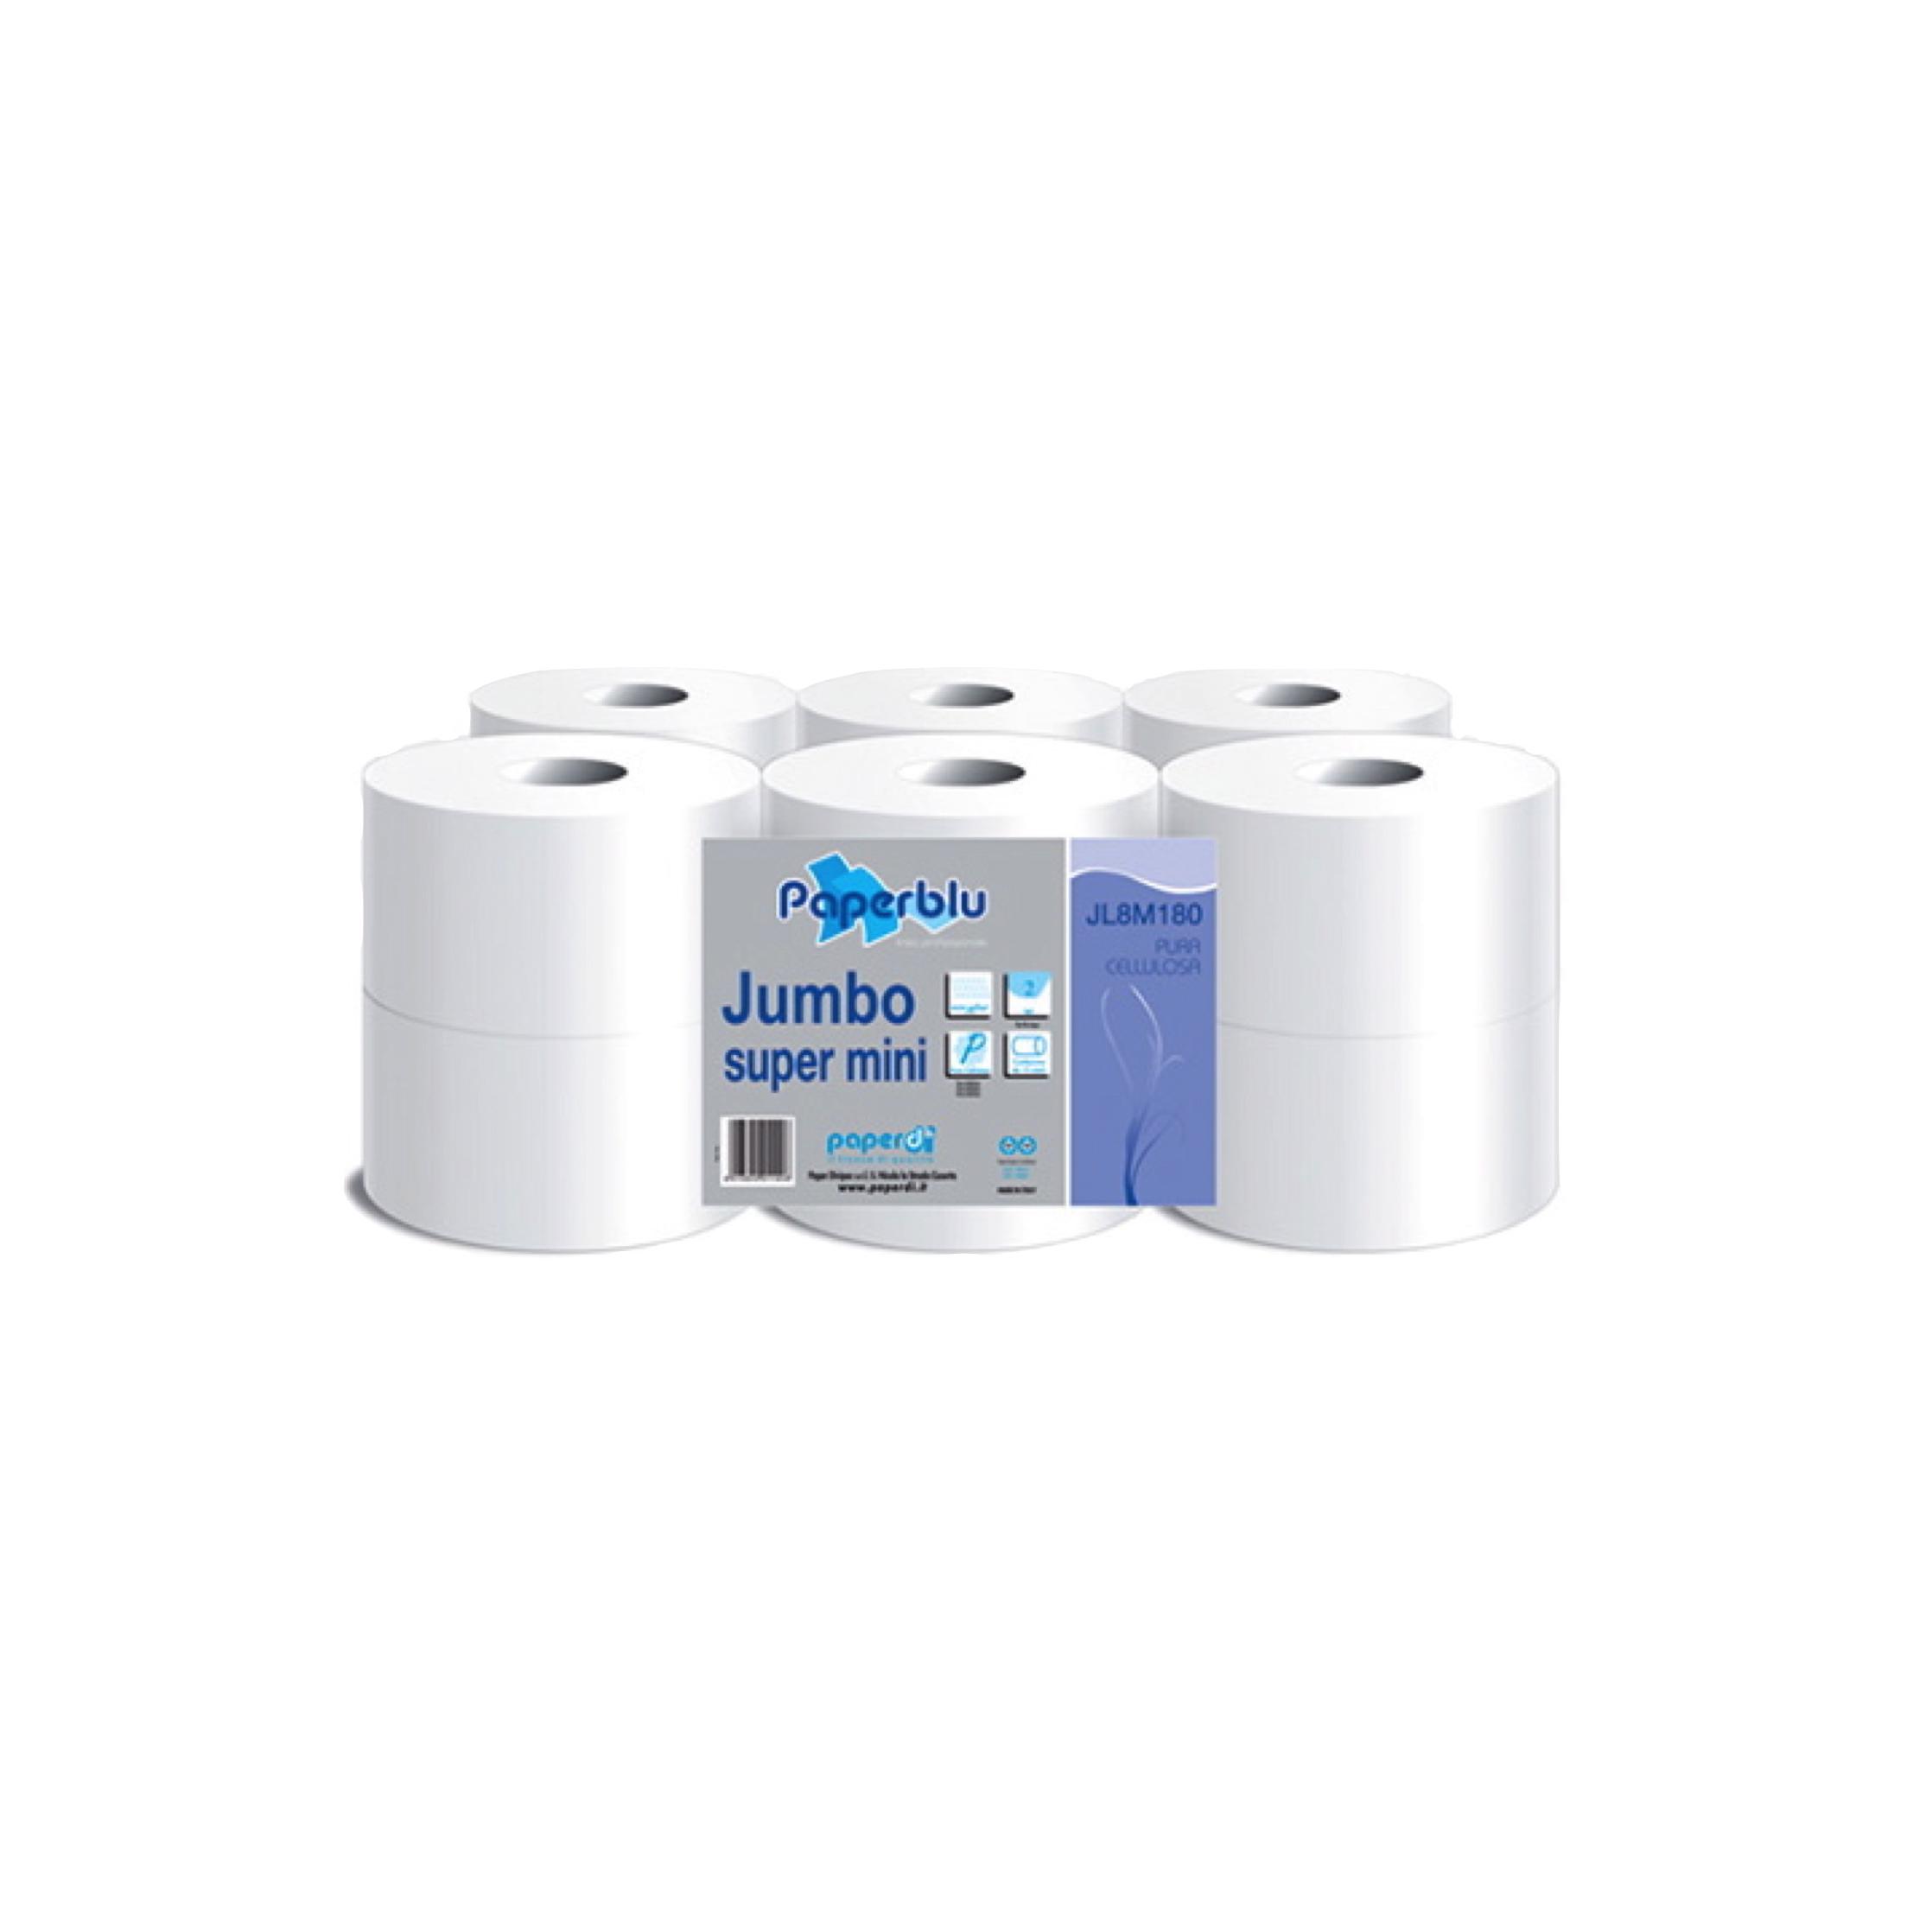 Toaletni papir v roli Jumbo Mini 180 Paperdi